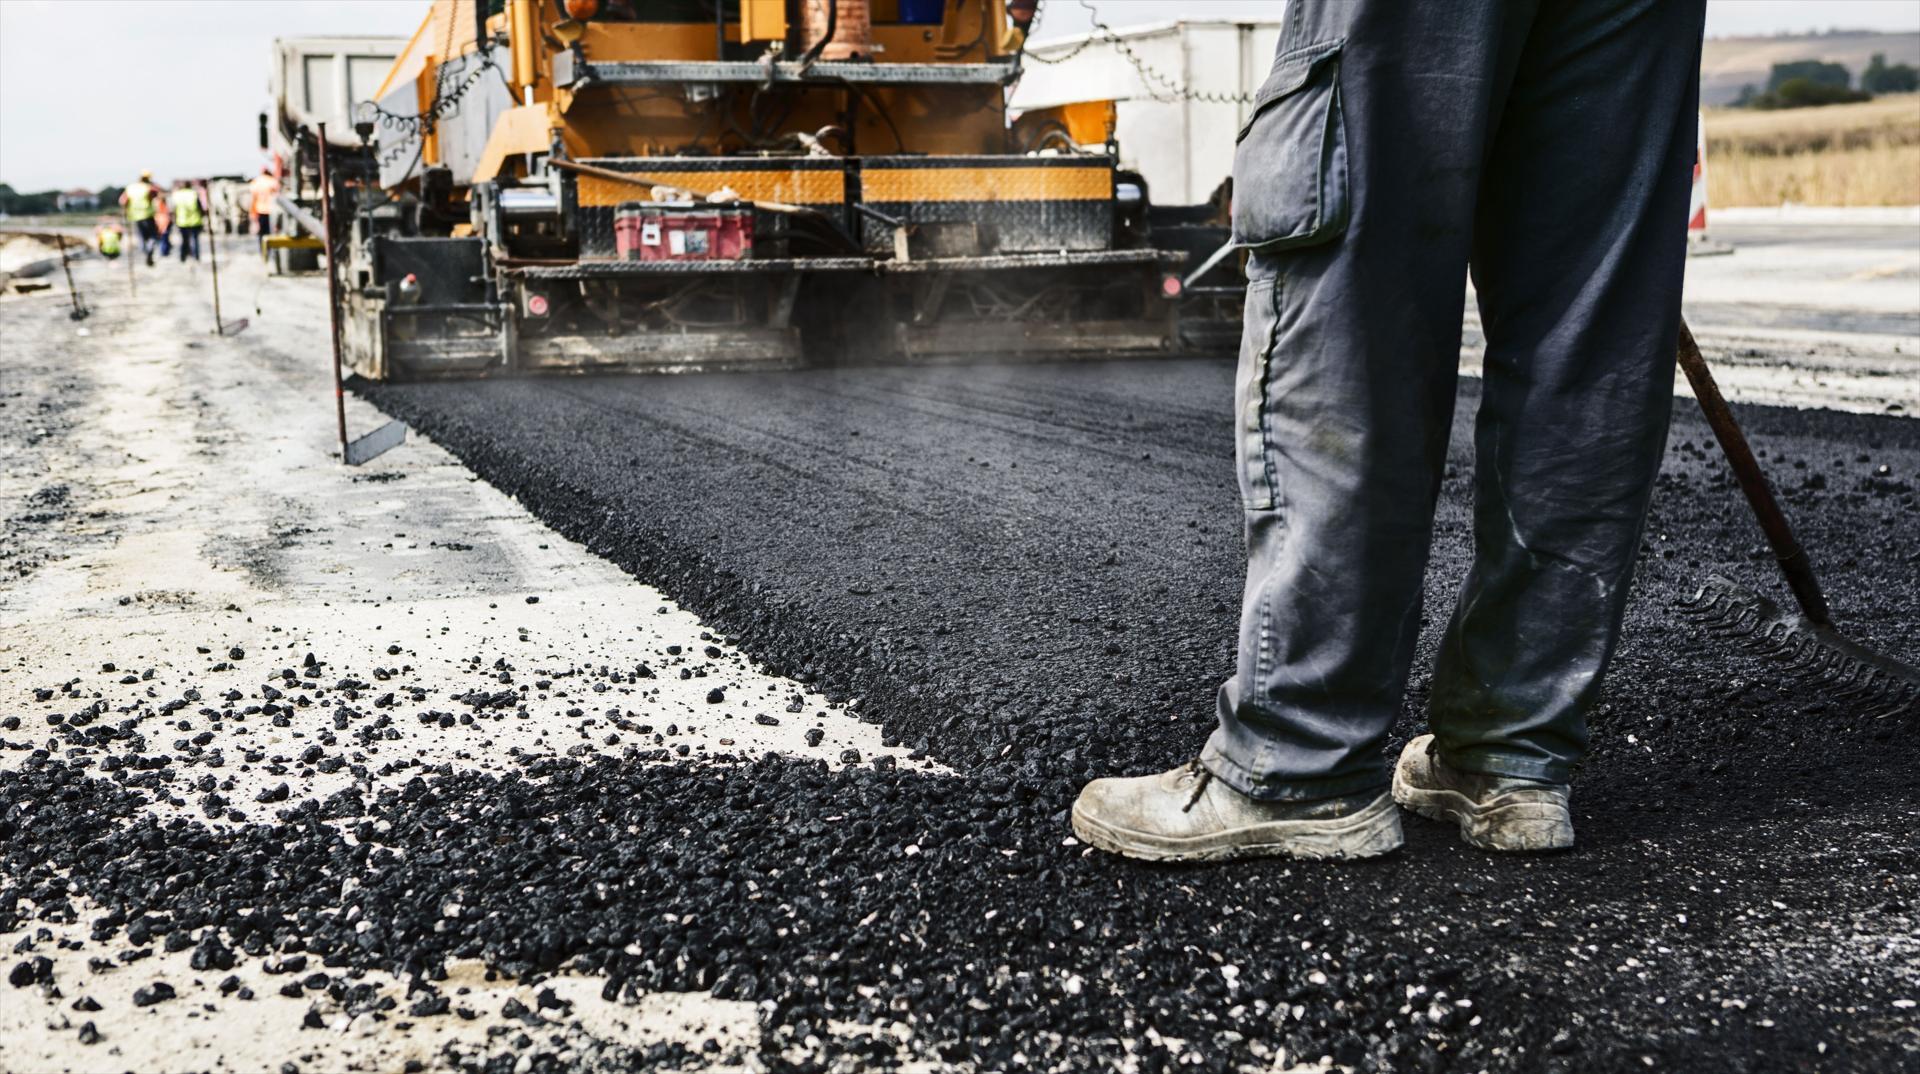 Δημοπρατείται από την Περιφέρεια η τριετής συντήρηση του επαρχιακού οδικού δικτύου στην Άνδρο